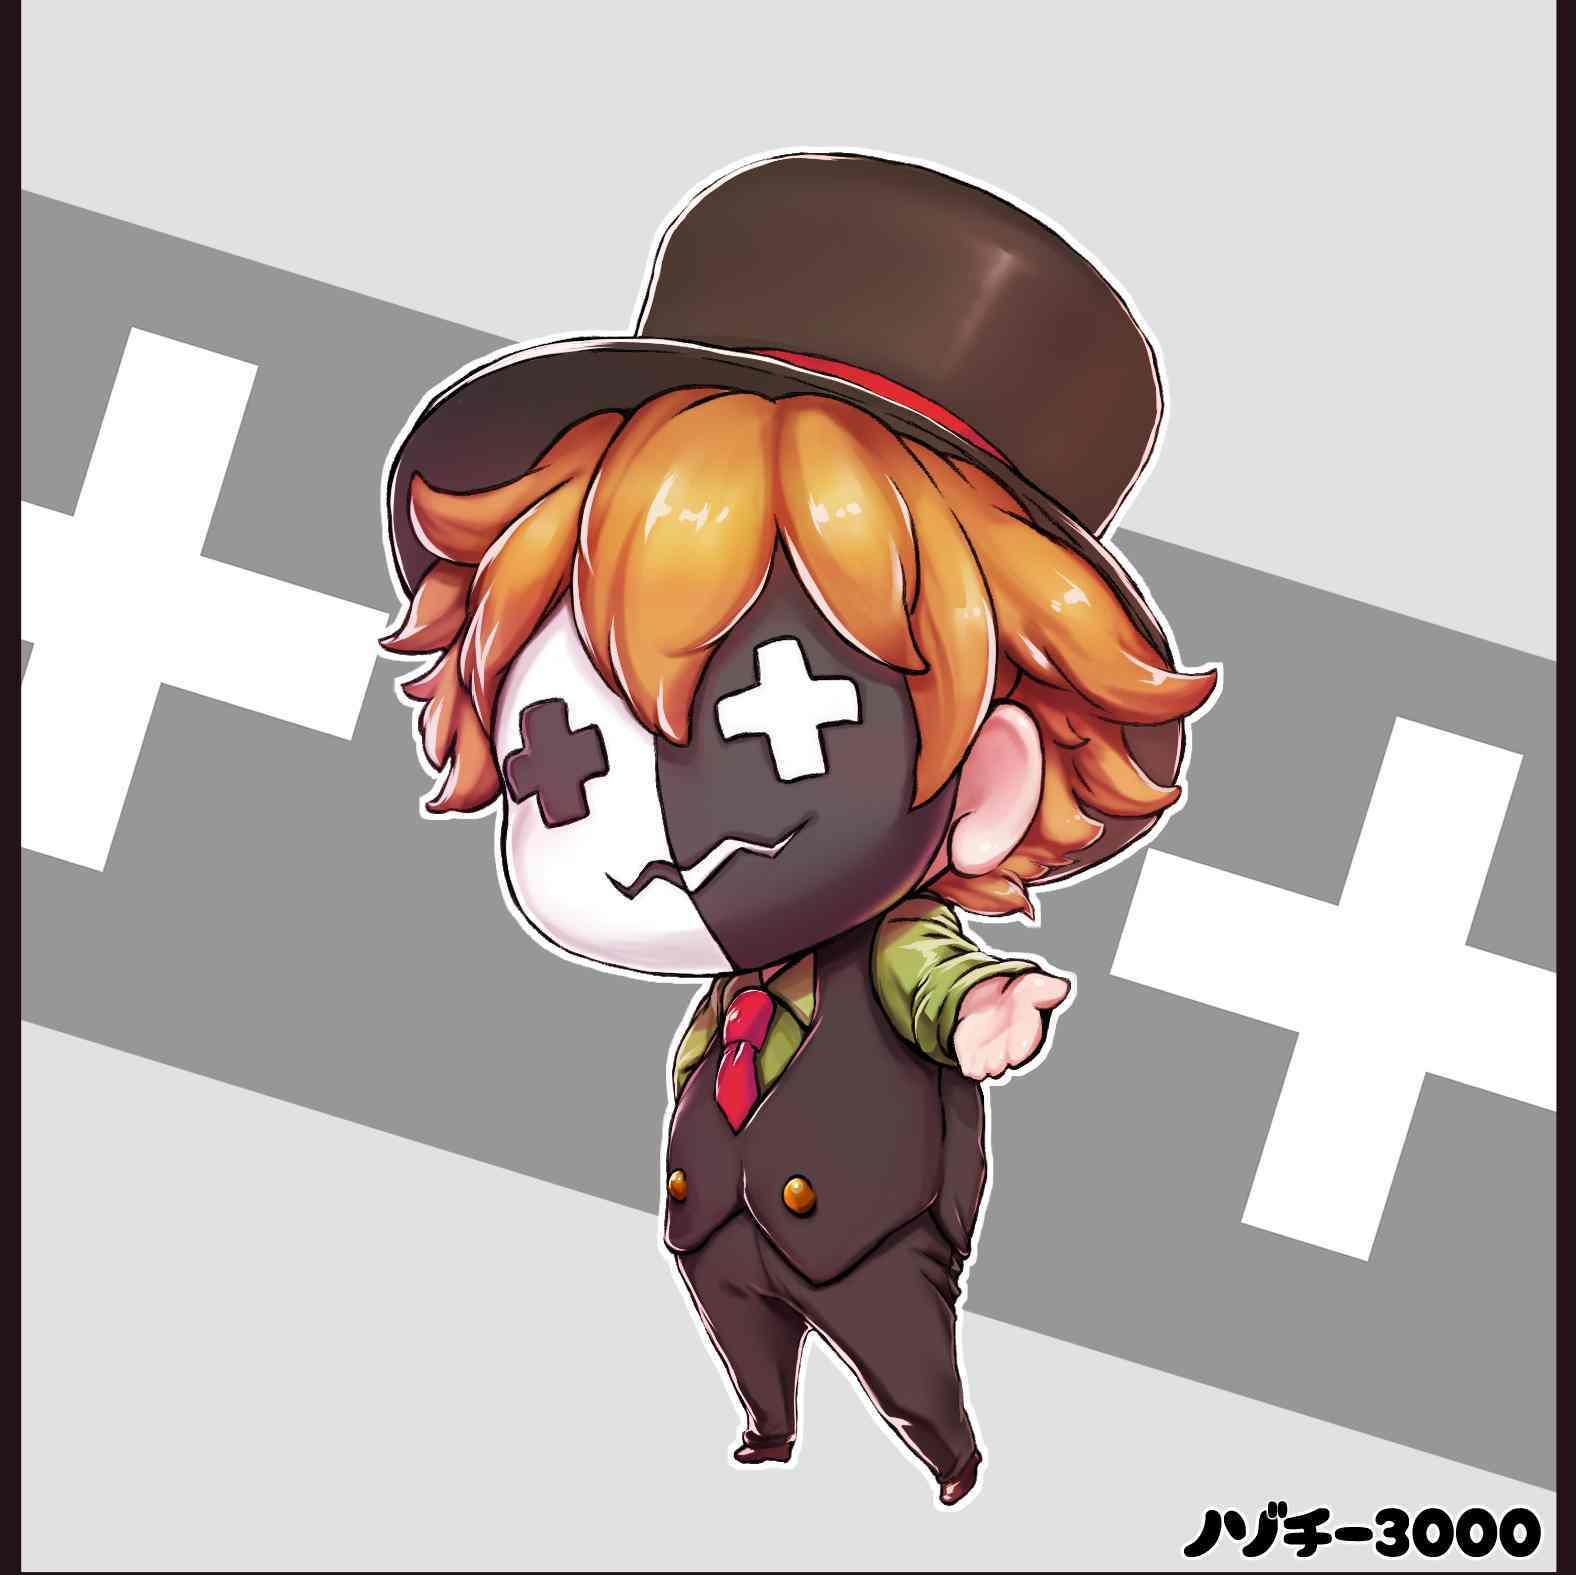 色塗り編レトルトくんとキヨ猫 イラスト描いてみた ノゾチー3000